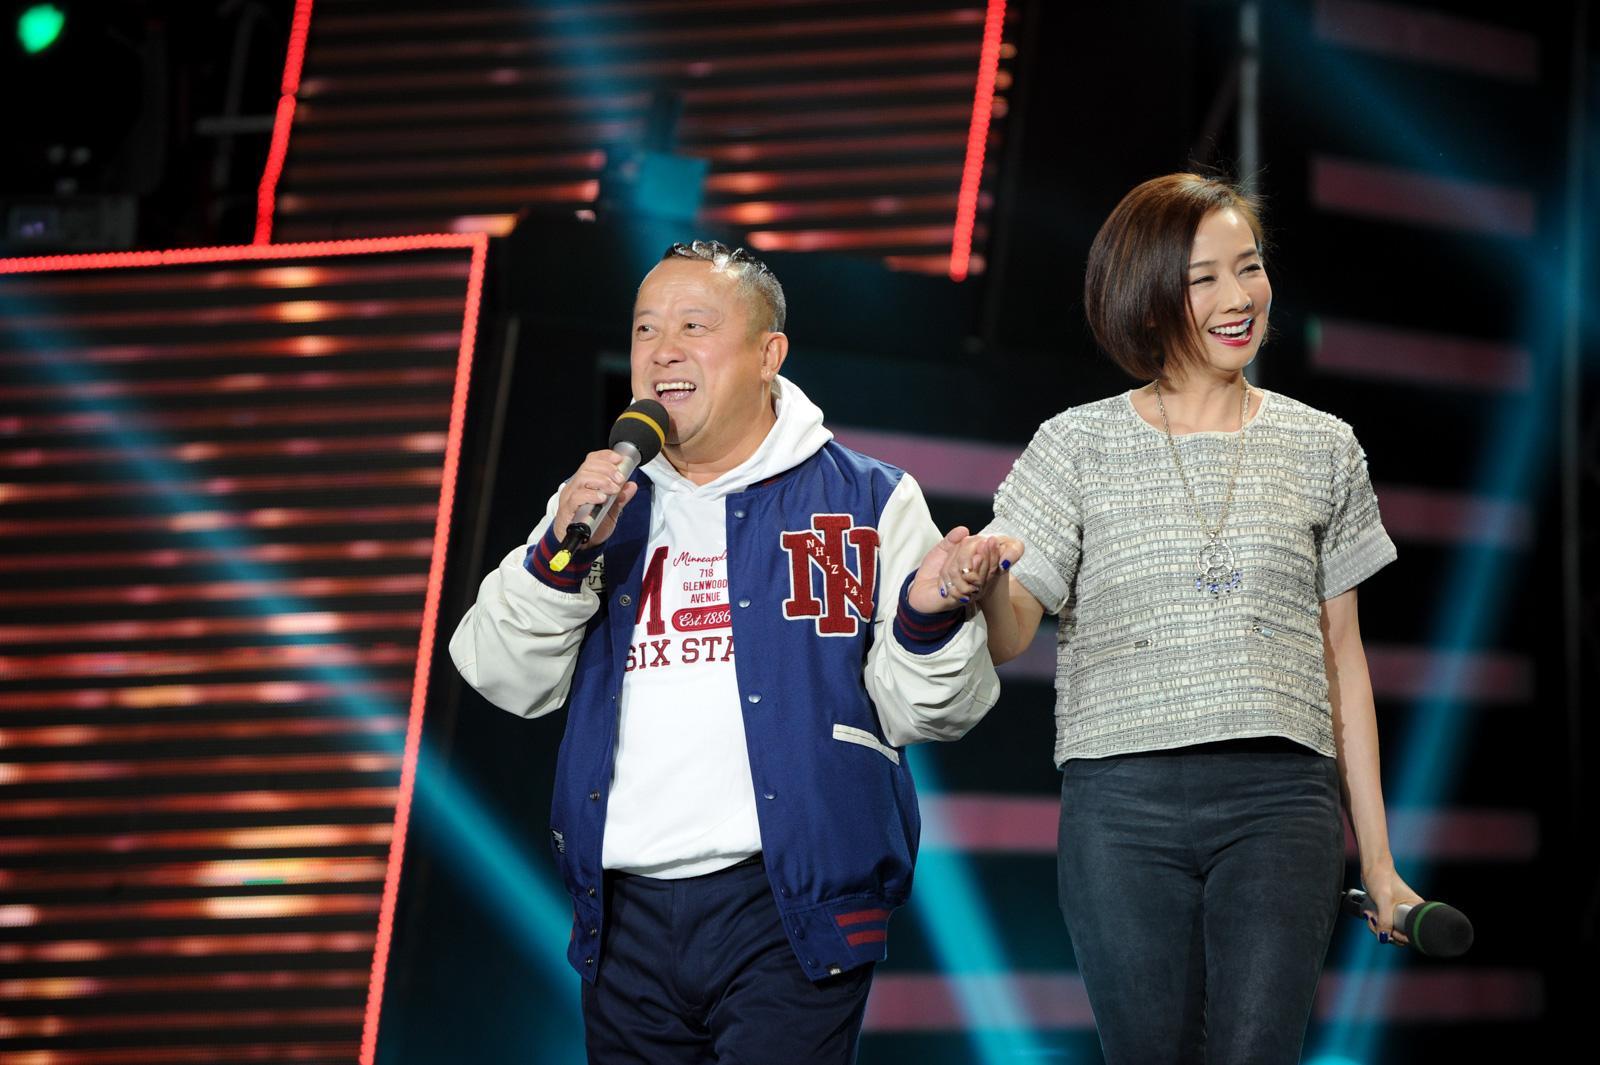 2017年4月8日電視台收視率排行榜,浙江卫视收視率超过湖南卫视